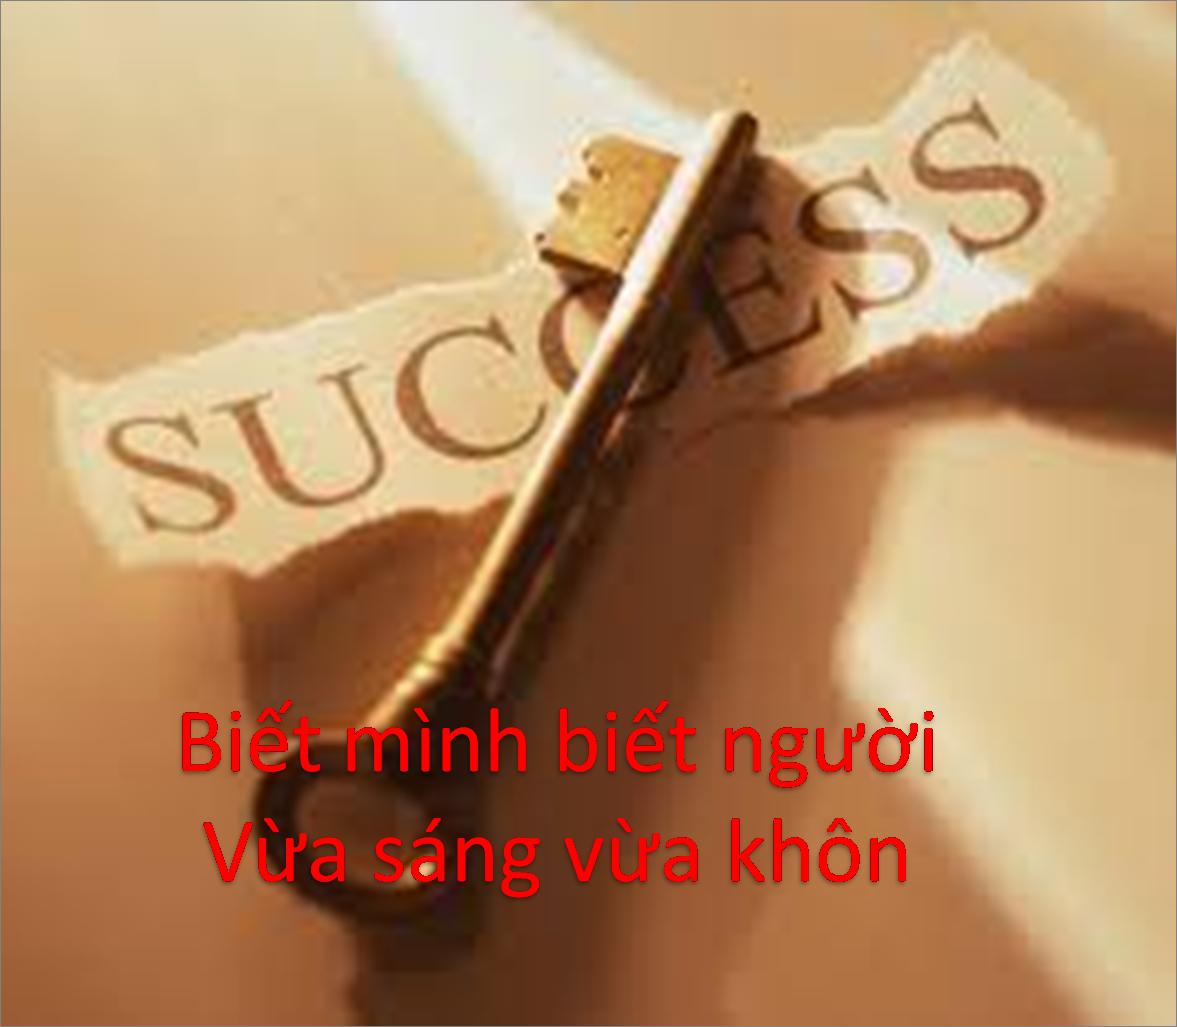 Tại sao thất bại tại sao thành công